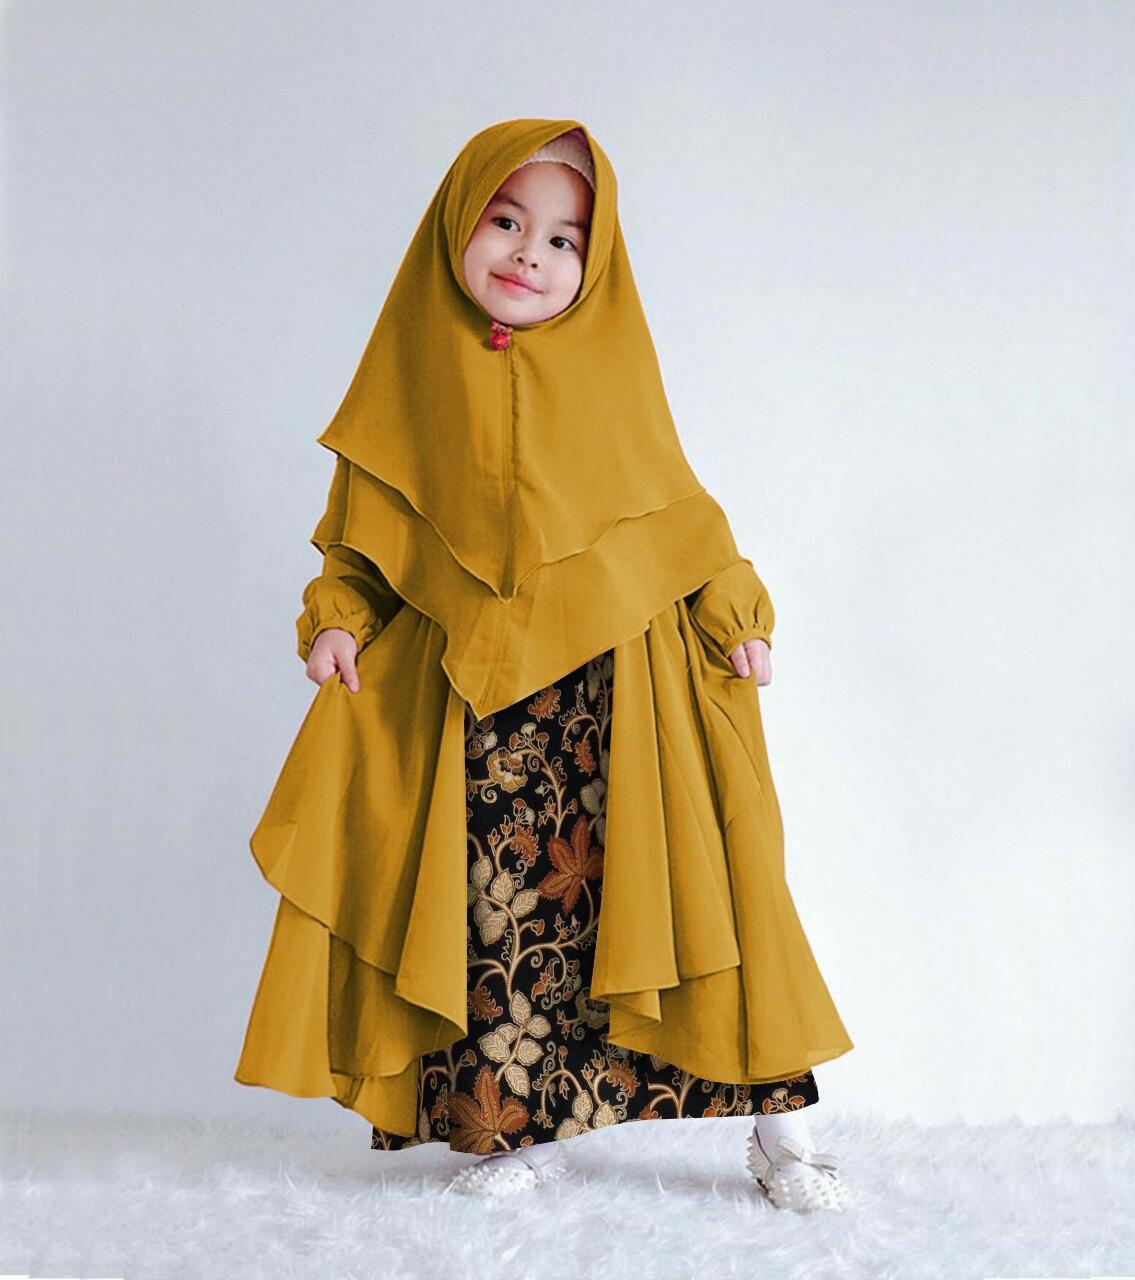 Gamis Syari Anak Usia 7 9 Tahun Plus Hijab Gamis Kombinasi Batik Gamis Anak Best Seller Model Terbaru Baju Muslim Anak Perempuan Lazada Indonesia